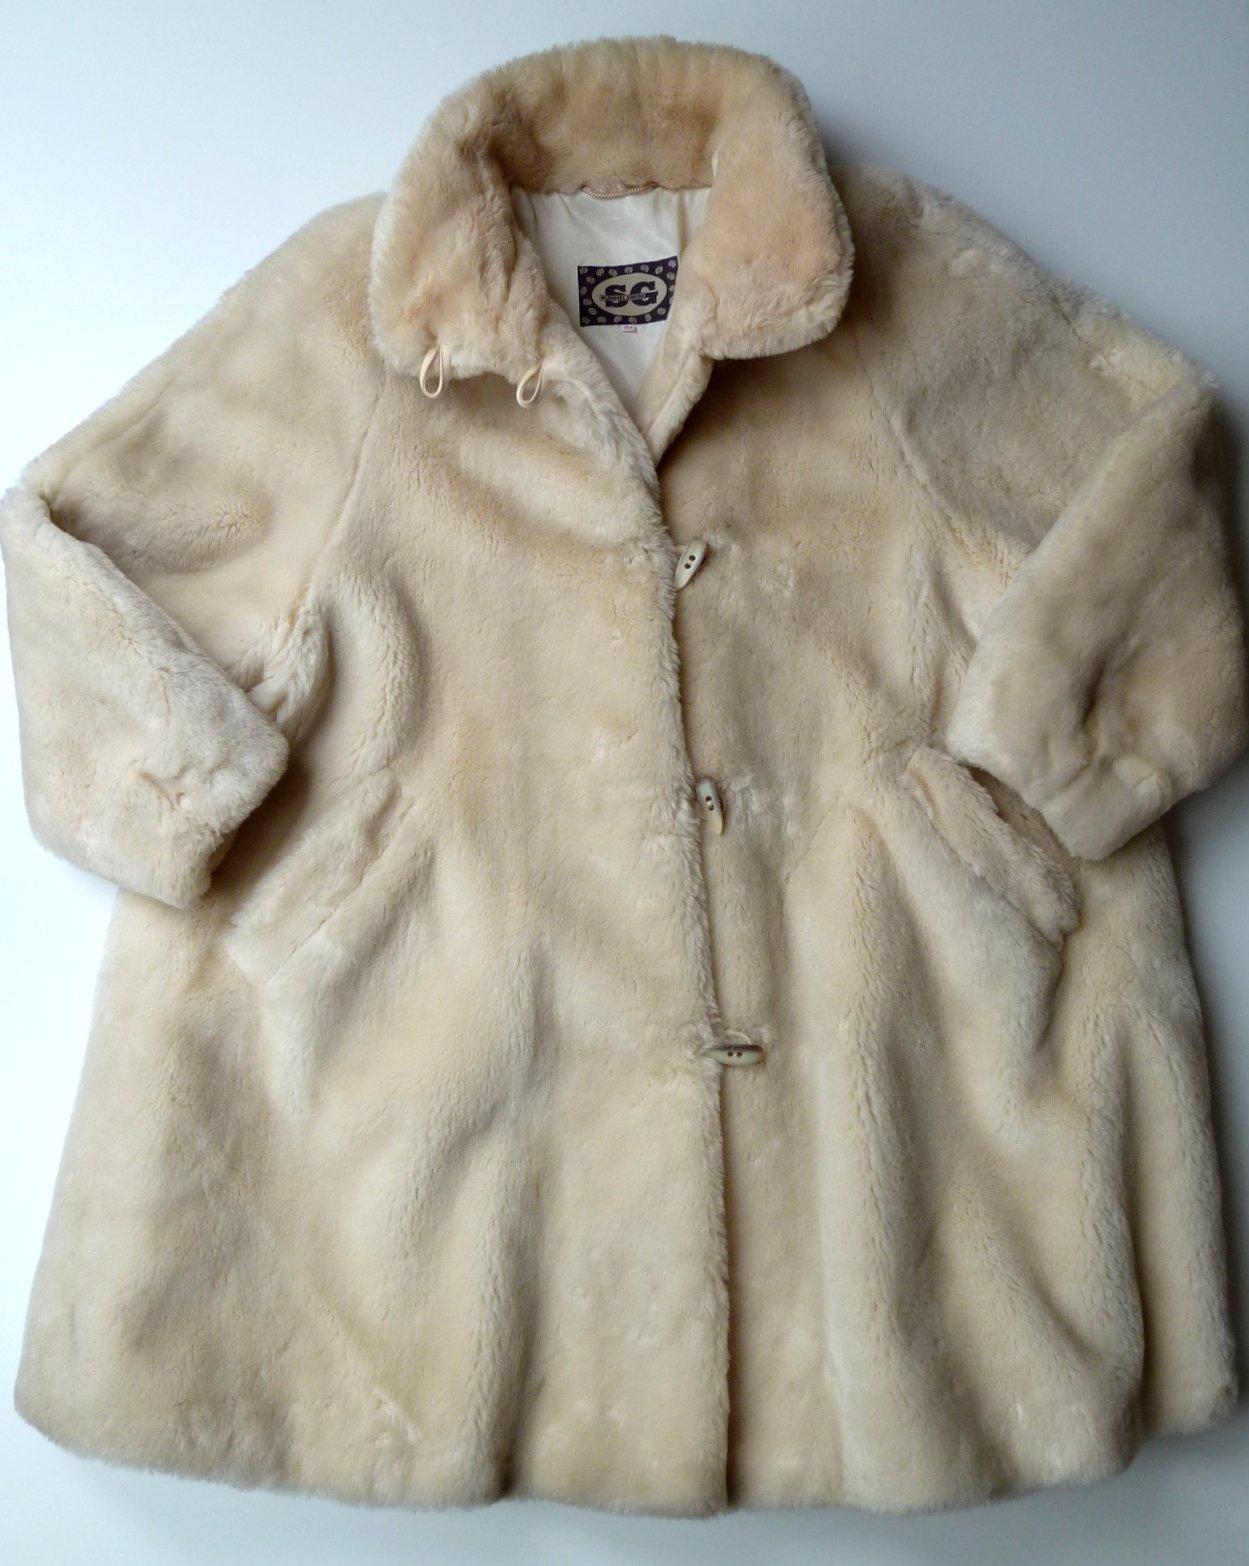 e3cda1522df Dámský kožešinový kabát kožich vel. 36-38   s-m